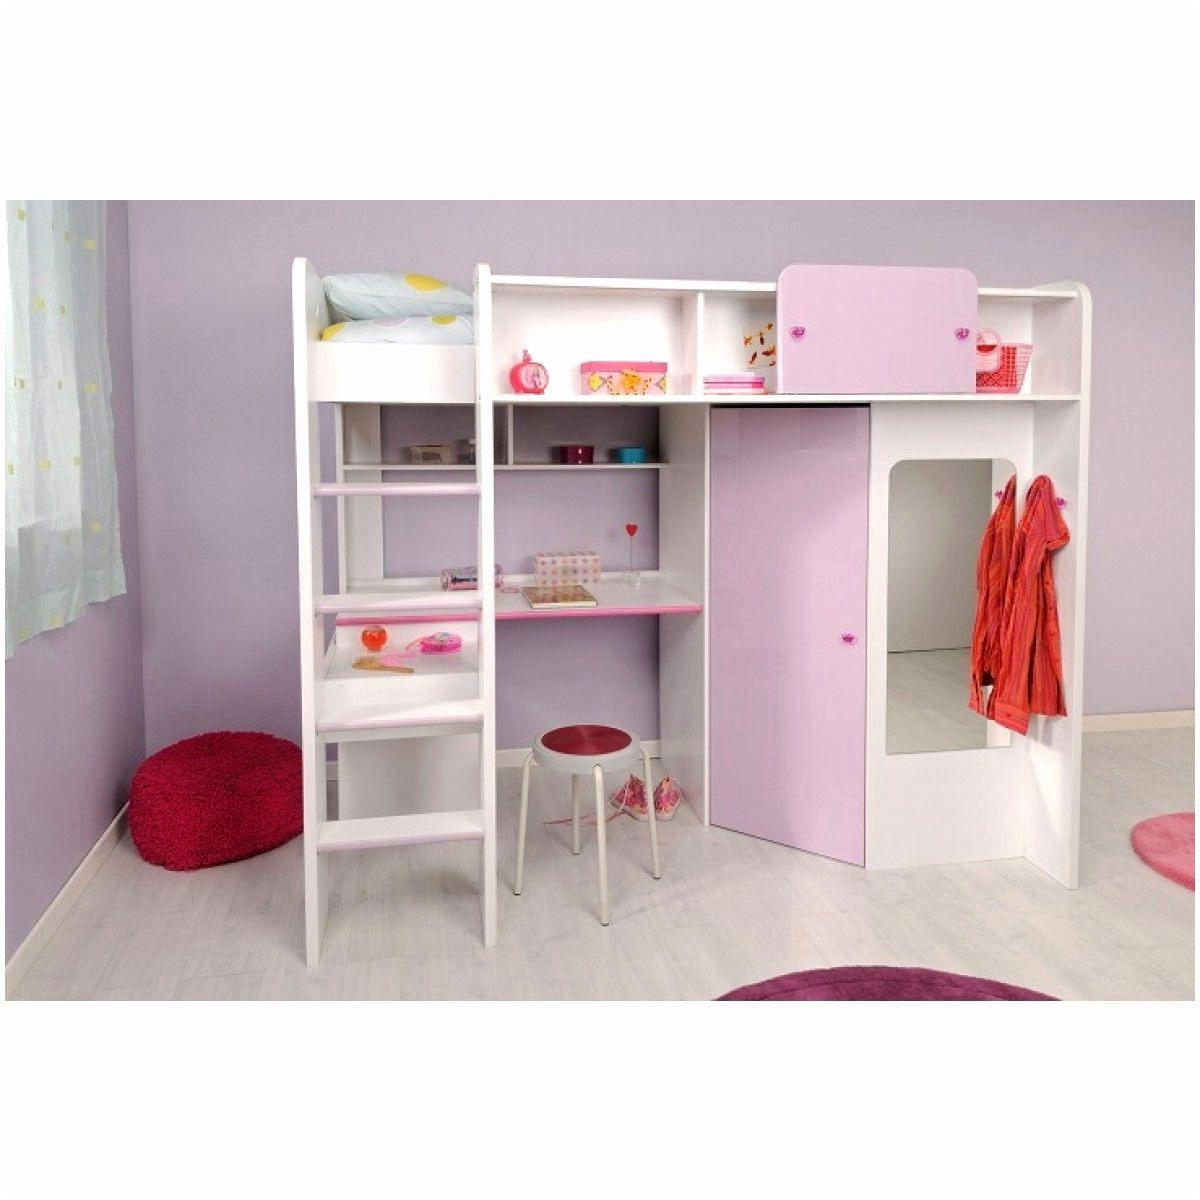 Lit Enfant Gain De Place Magnifique Lit Mi Haut Enfant Lit Mezzanine Design Lit Mezzanine Design Unique